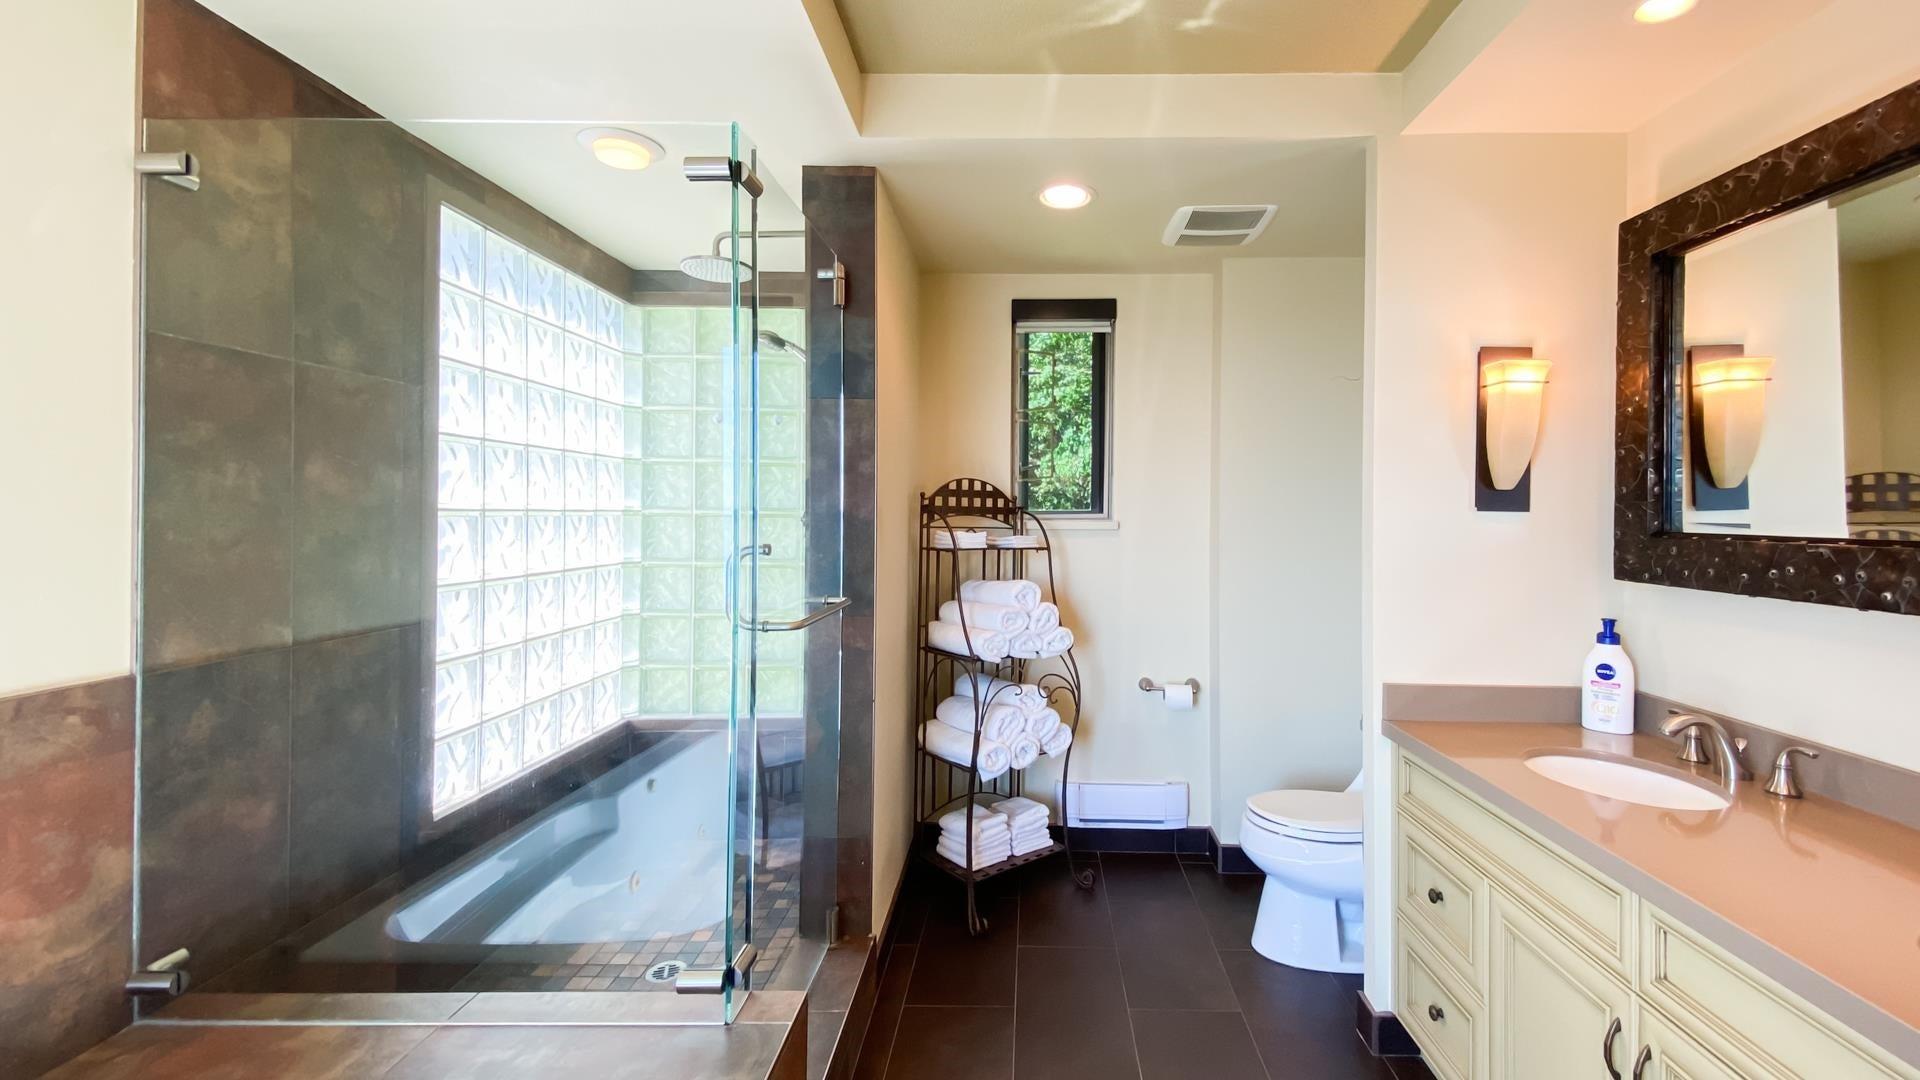 301 3131 DEER RIDGE DRIVE - Deer Ridge WV Apartment/Condo for sale, 2 Bedrooms (R2615692) - #20